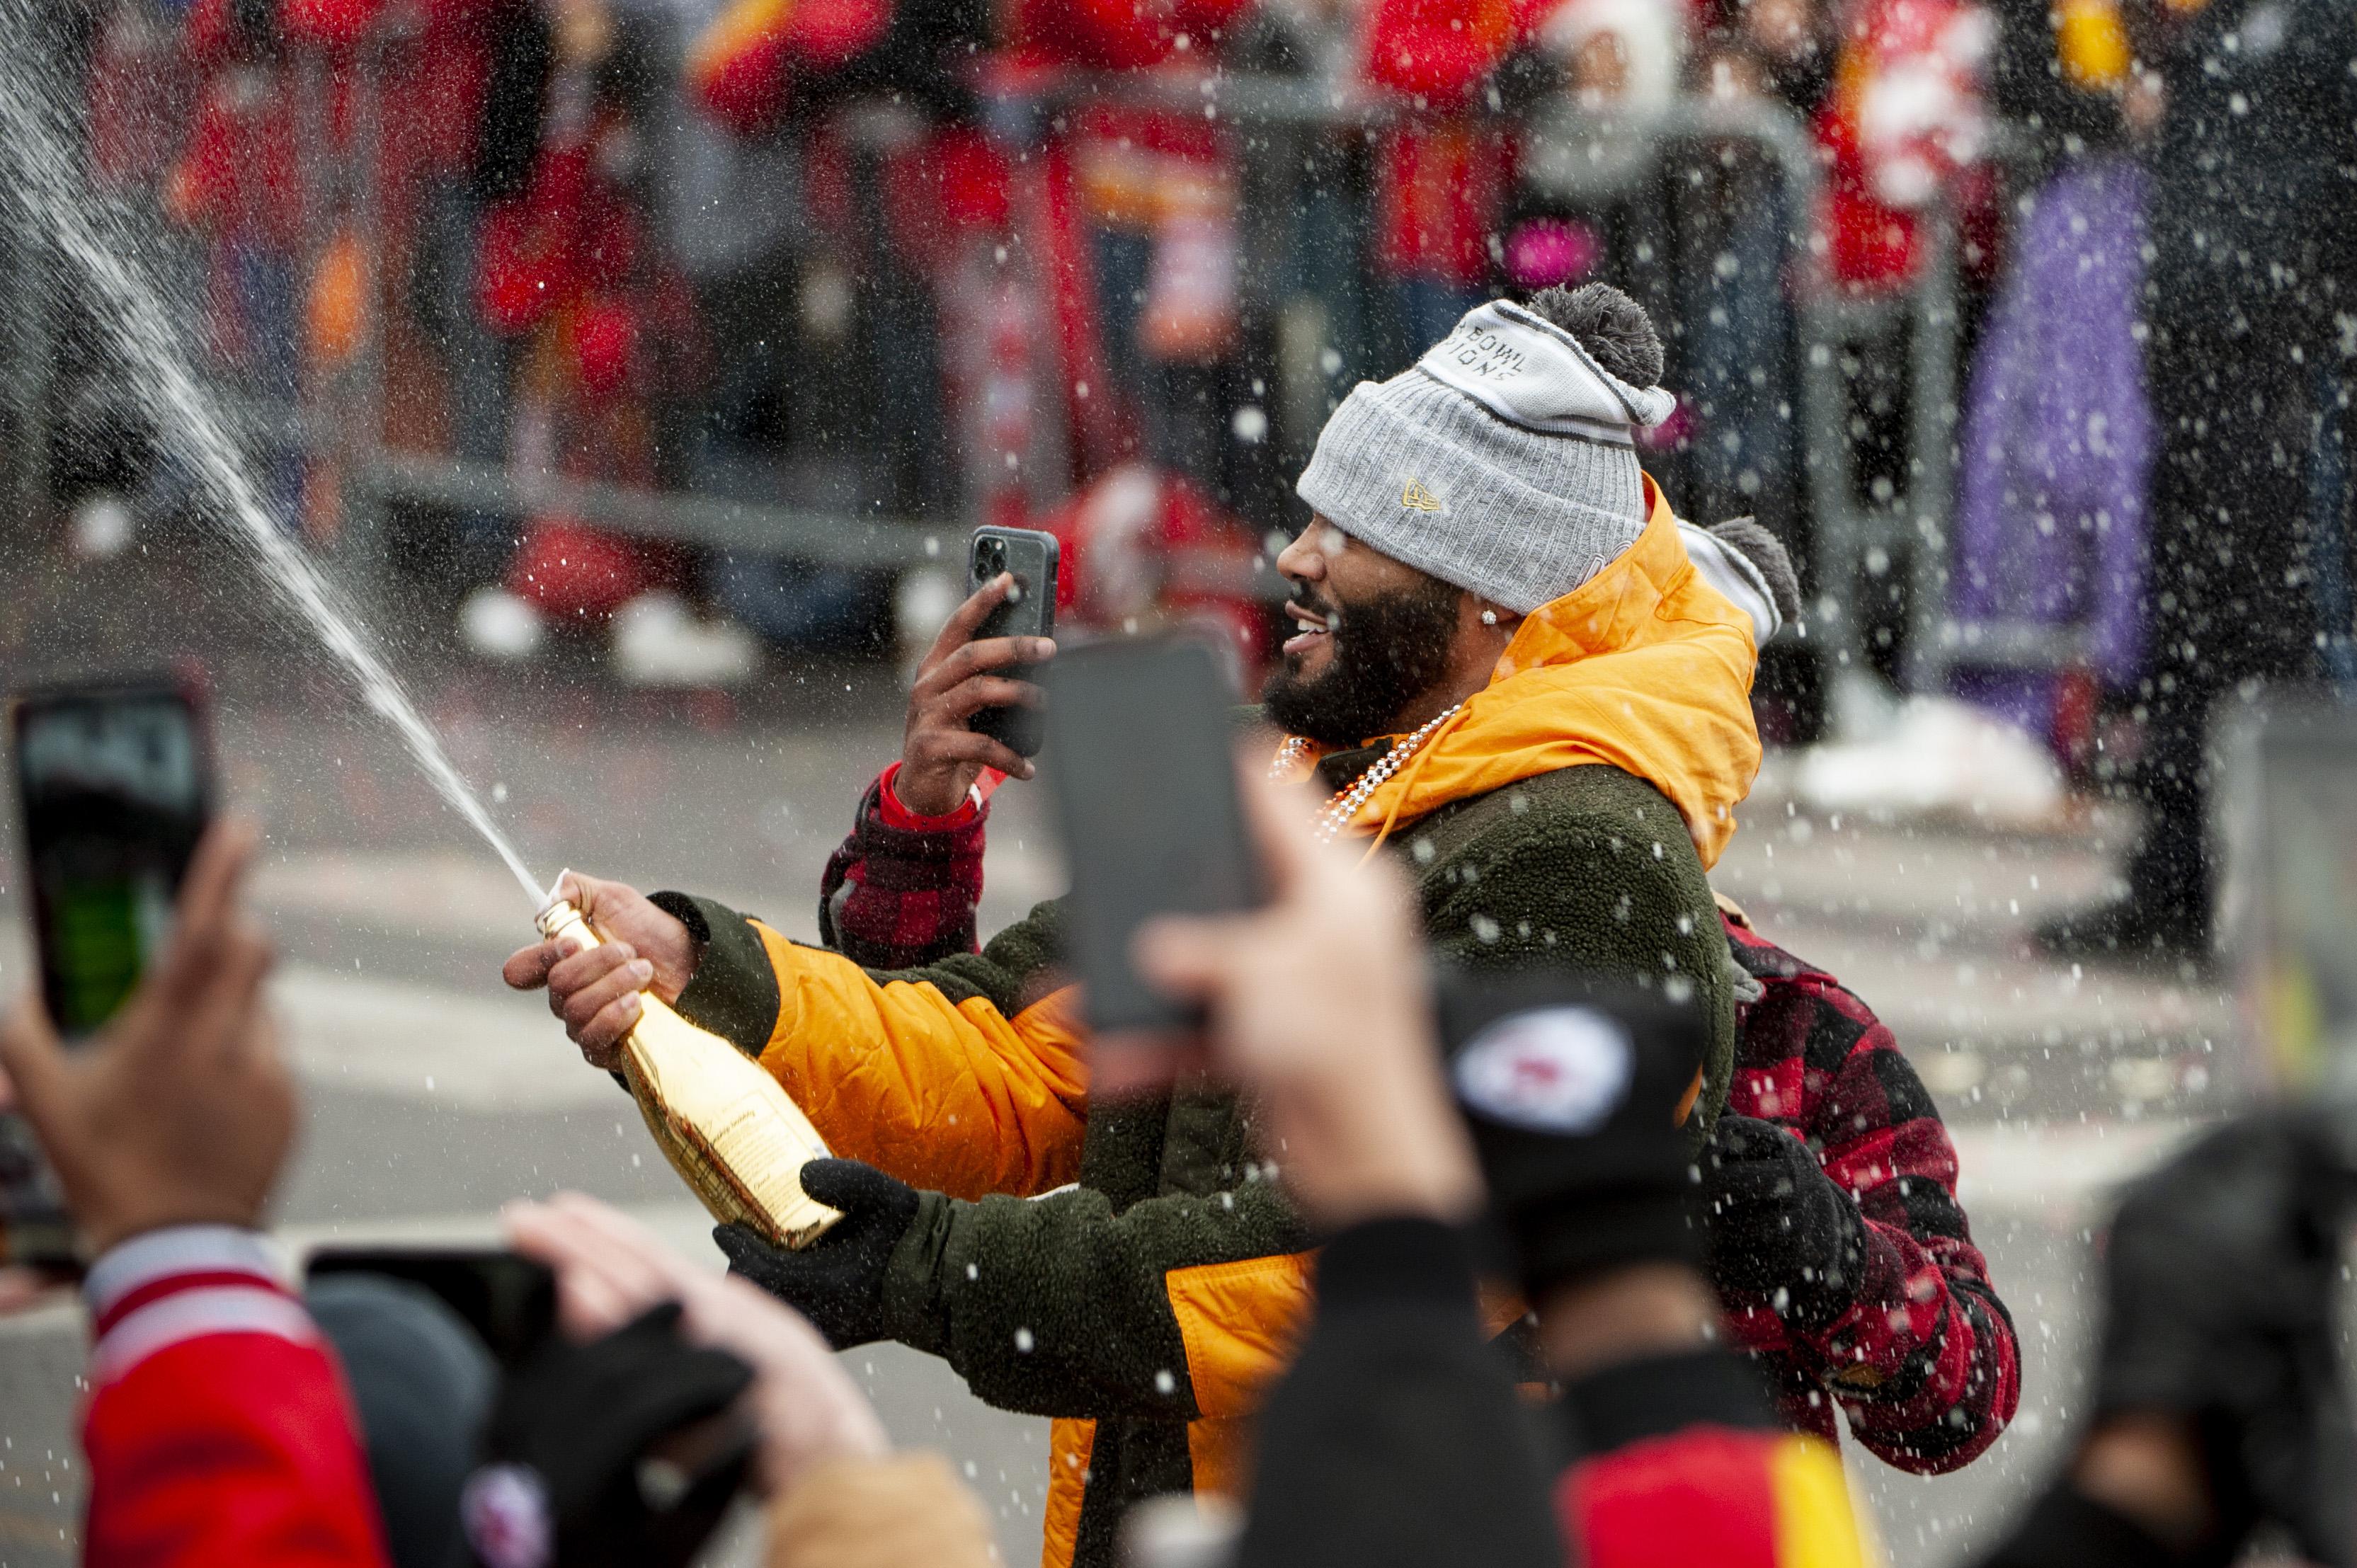 Los espectadores y las calificaciones marcaron un aumento con respecto al Super Bowl de la temporada pasada, cuando los Patriotas de Nueva Inglaterra vencieron a los Rams de Los Ángeles